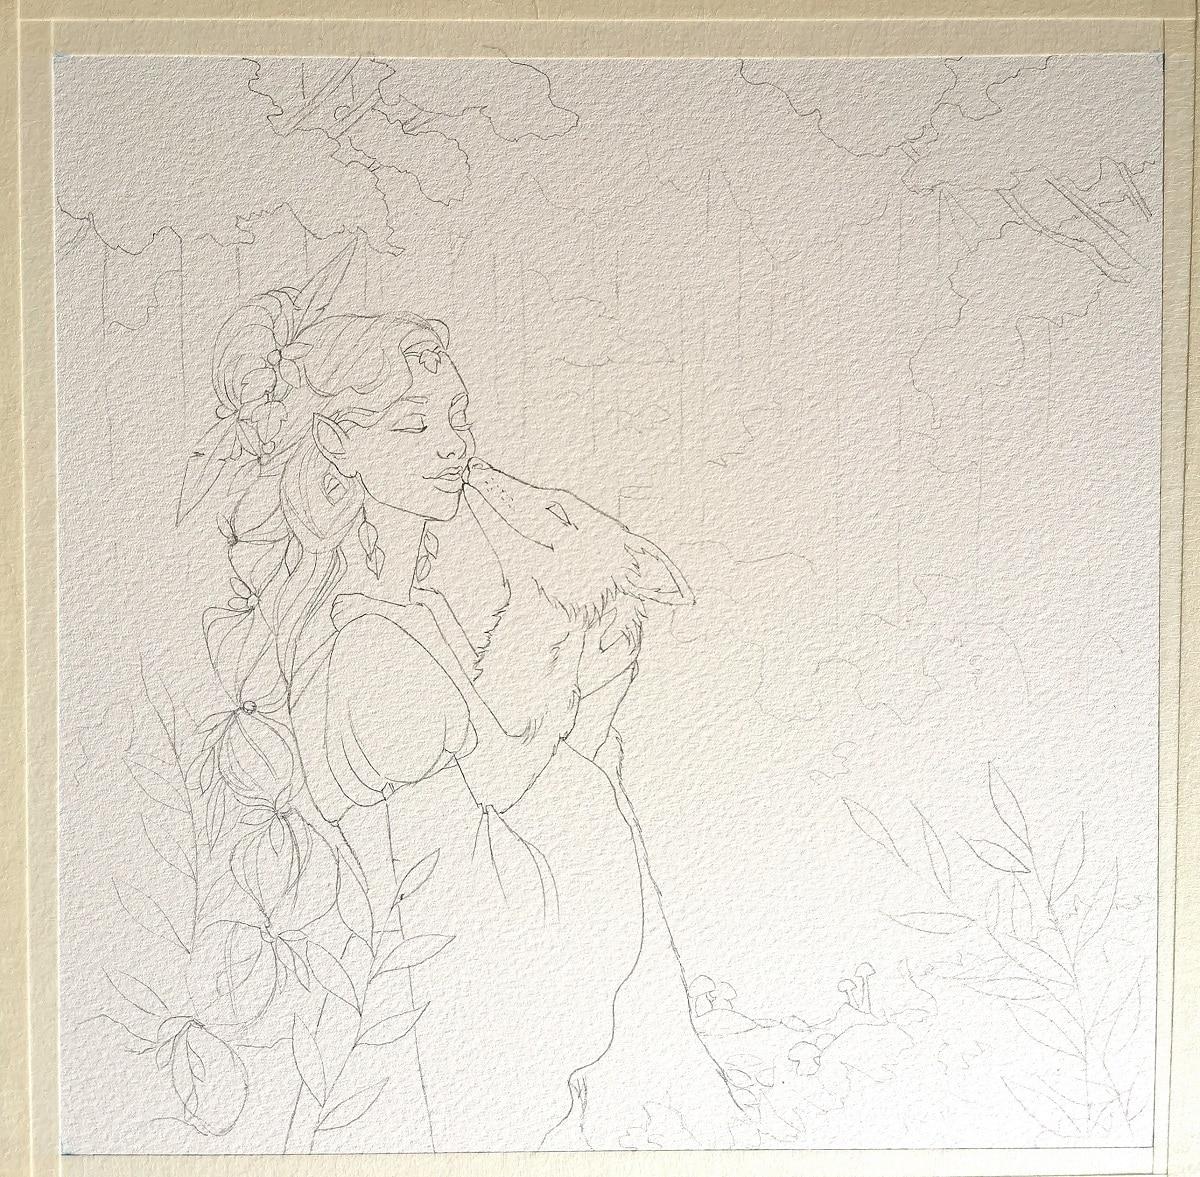 l'esprit de l'automne sur papier aquarelle